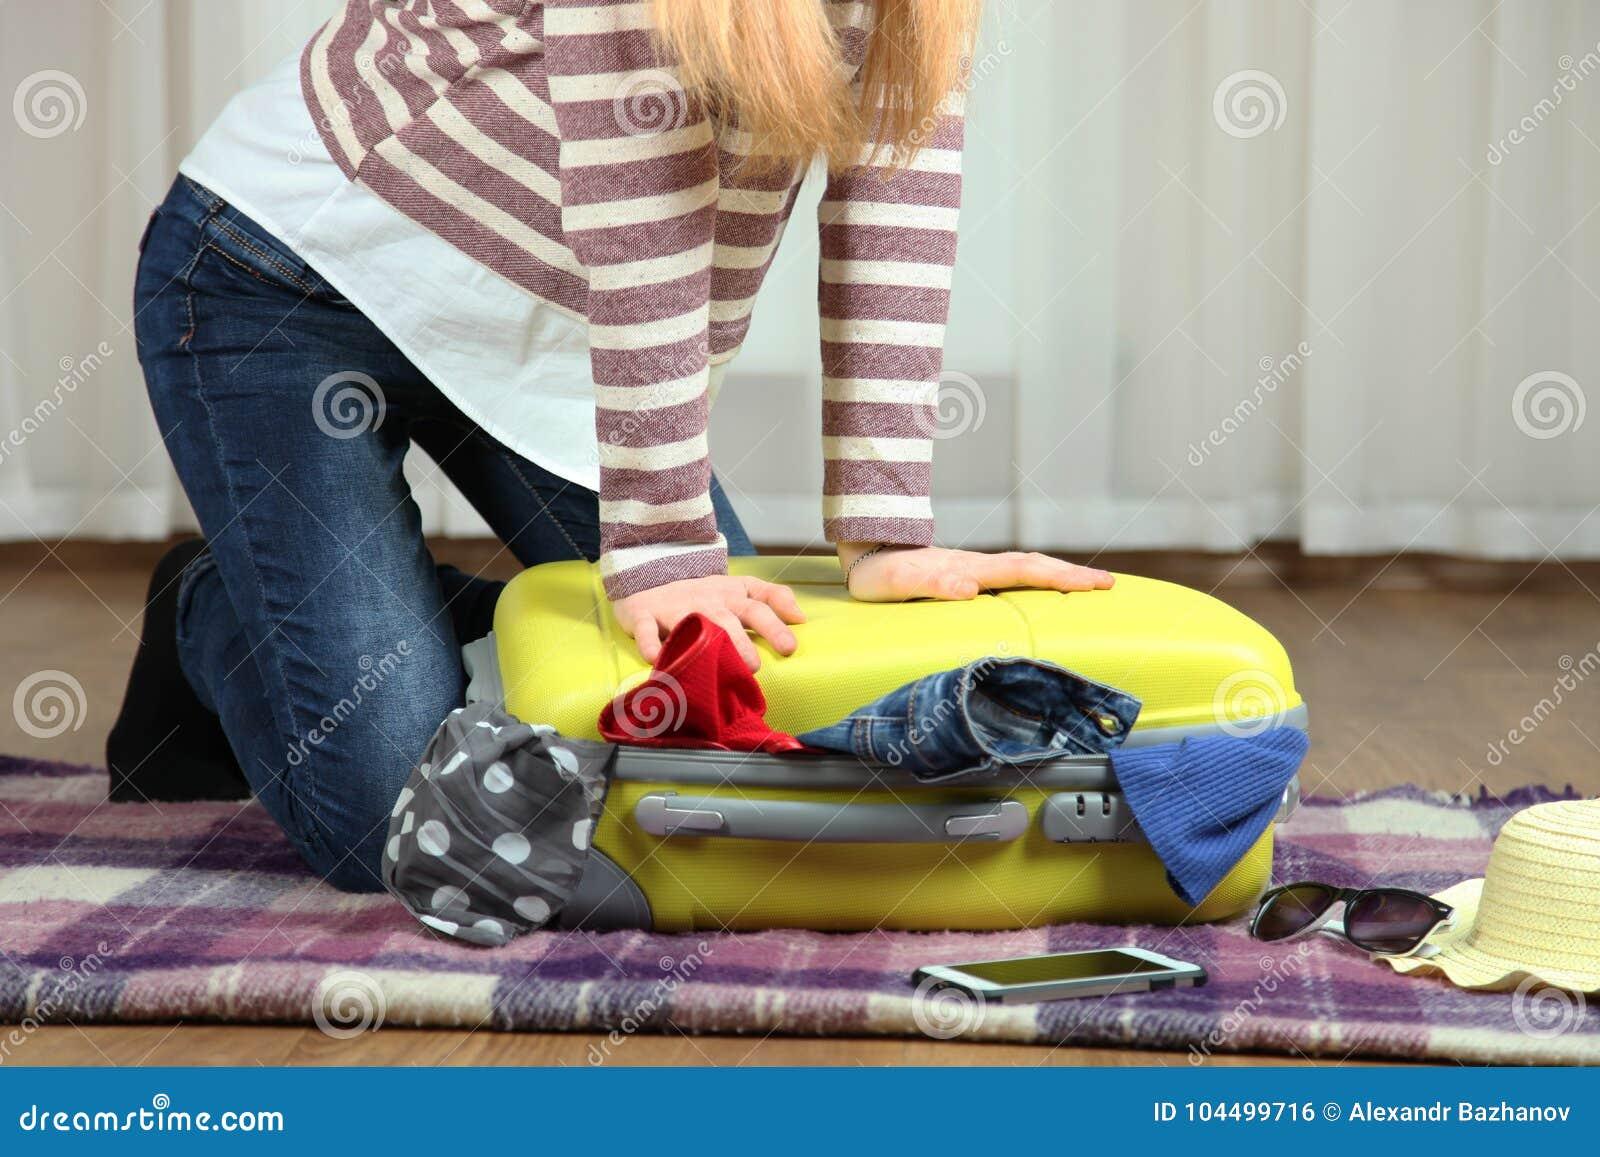 Dziewczyna zamyka walizkę